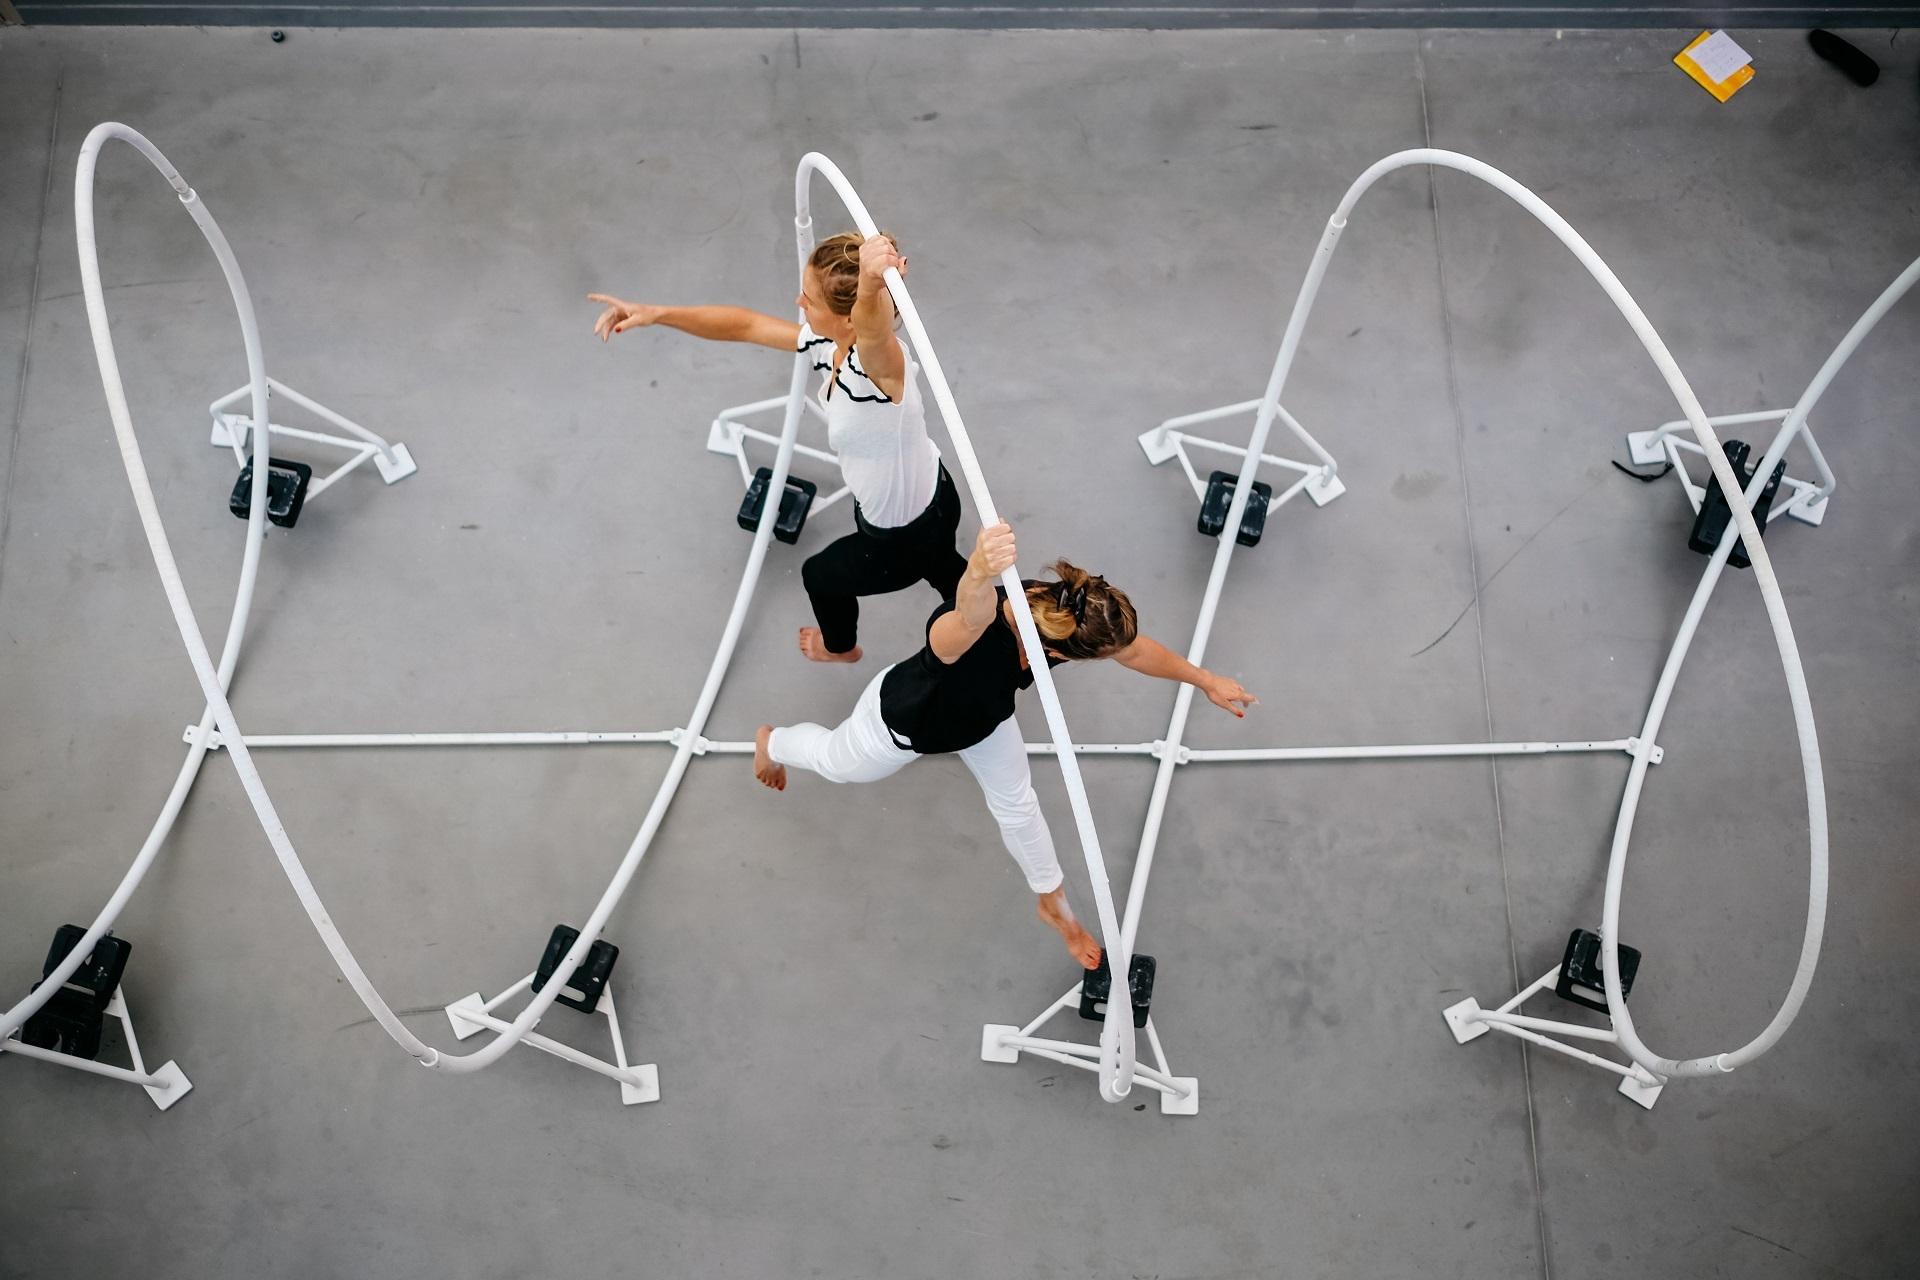 Un spectacle proposé par le théâtre d'Arles à l'occasion des Cirques Indisciplinés. Accompagnés par deux artistes, les enfants entrent dans un univers aux lignes courbes, entre sol et ciel.